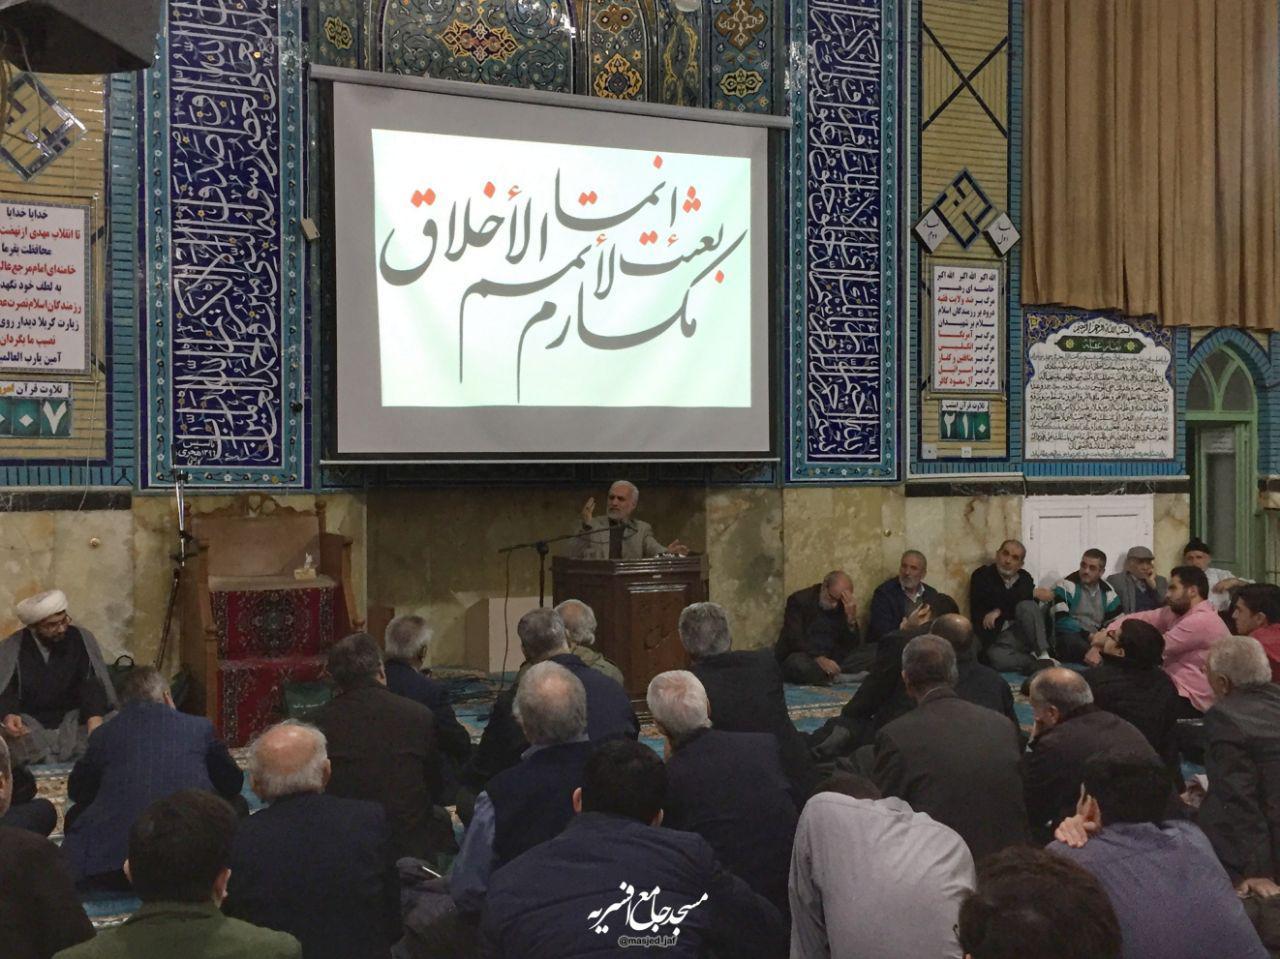 IMG 971123%20%282%29 نقل از تصویری؛ سخنرانی استاد حسن عباسی با موضوع چهل سالگی انقلاب اسلامی و همچنين افق های پیش رو